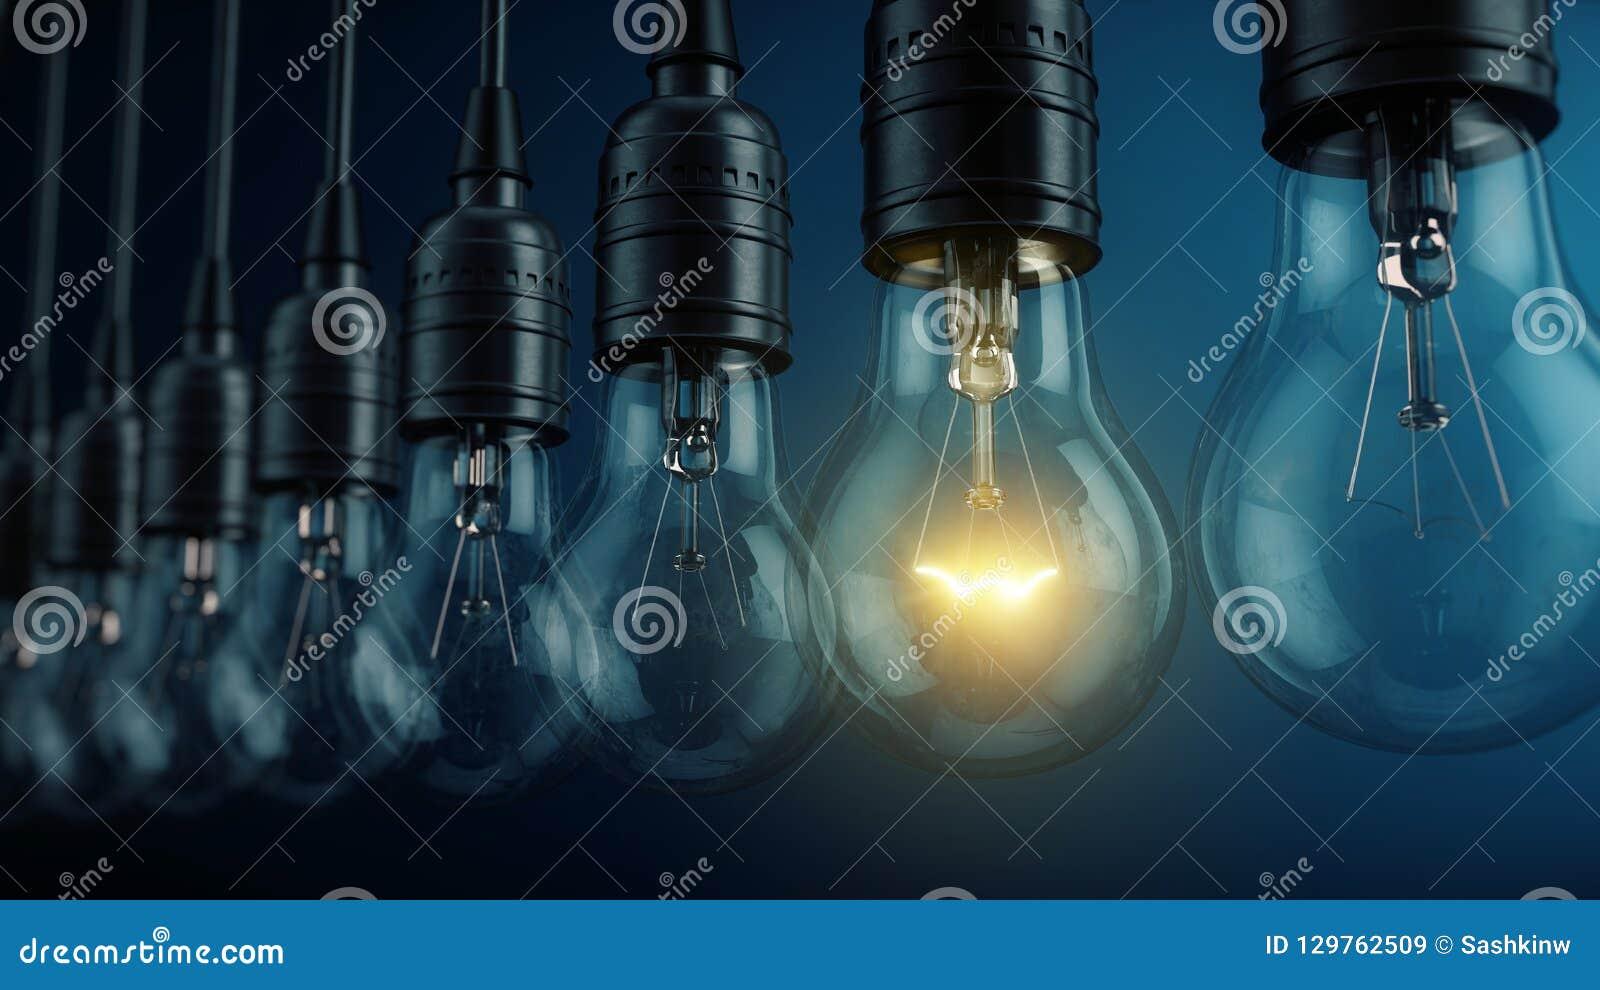 Uniek, uniciteit, nieuw ideeconcept - Gloeiende elektrische bollamp op een rij van lampen